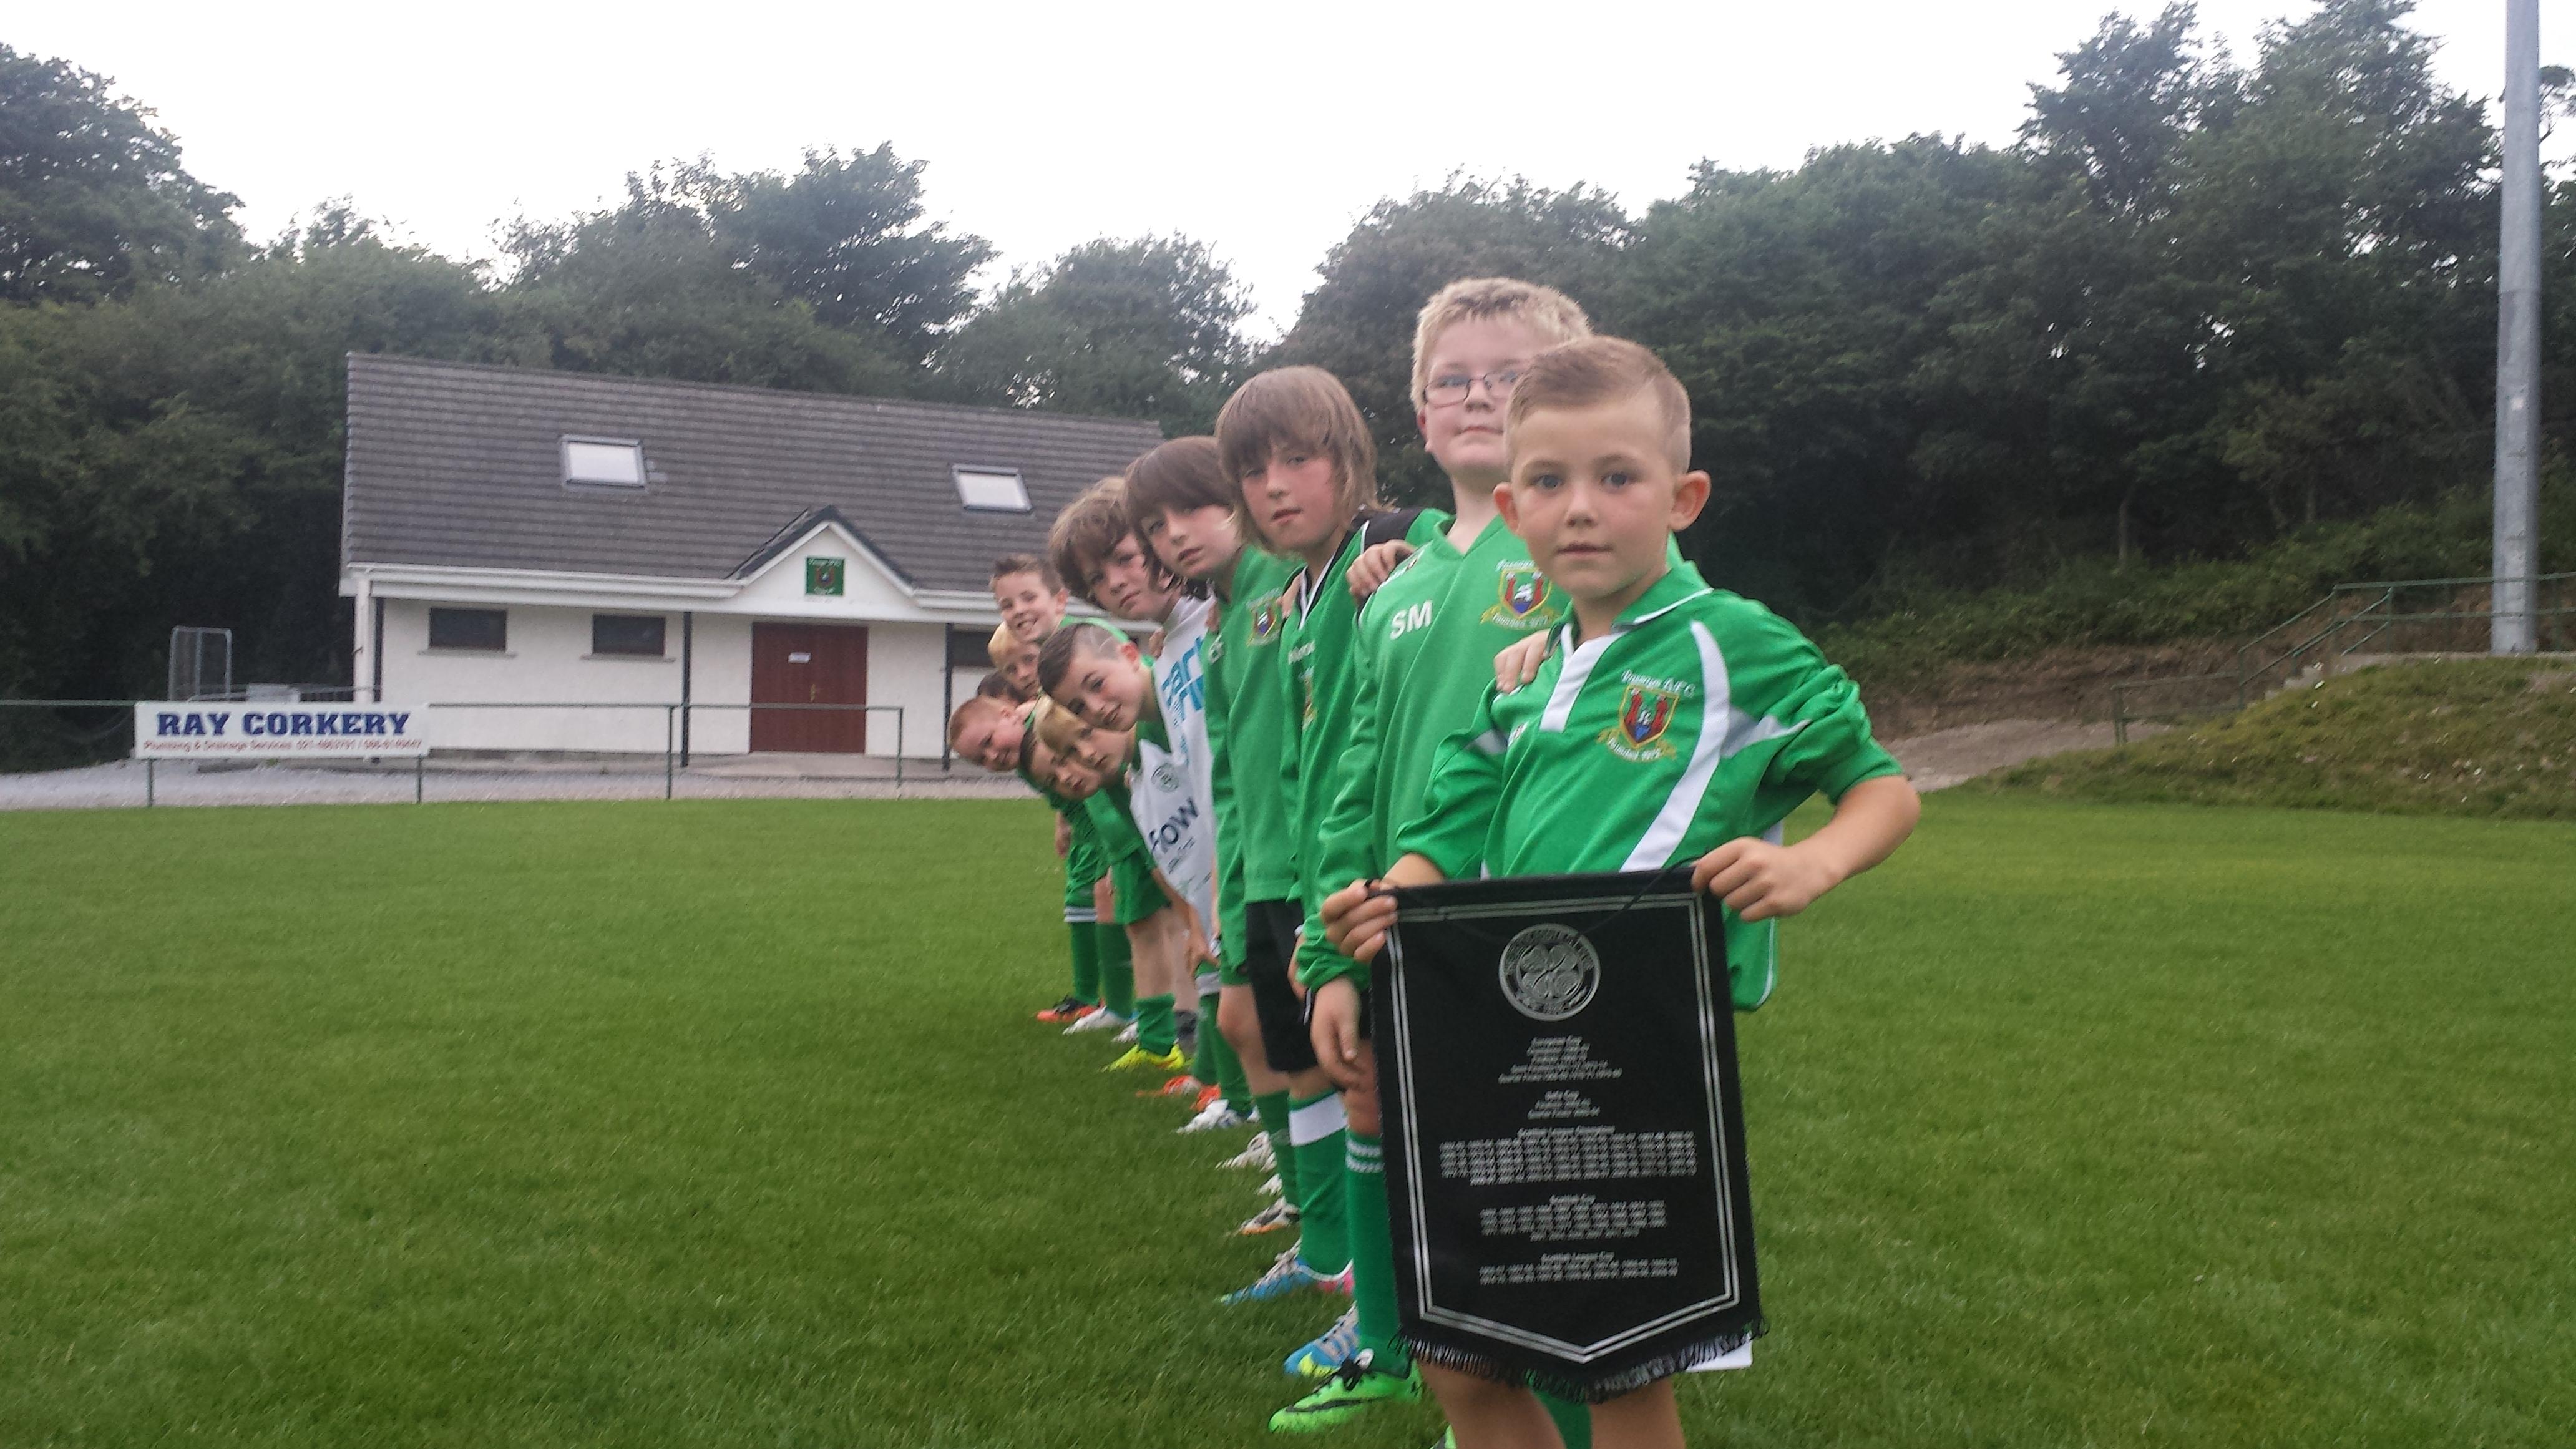 Passage AFC players embrace Celtic FC